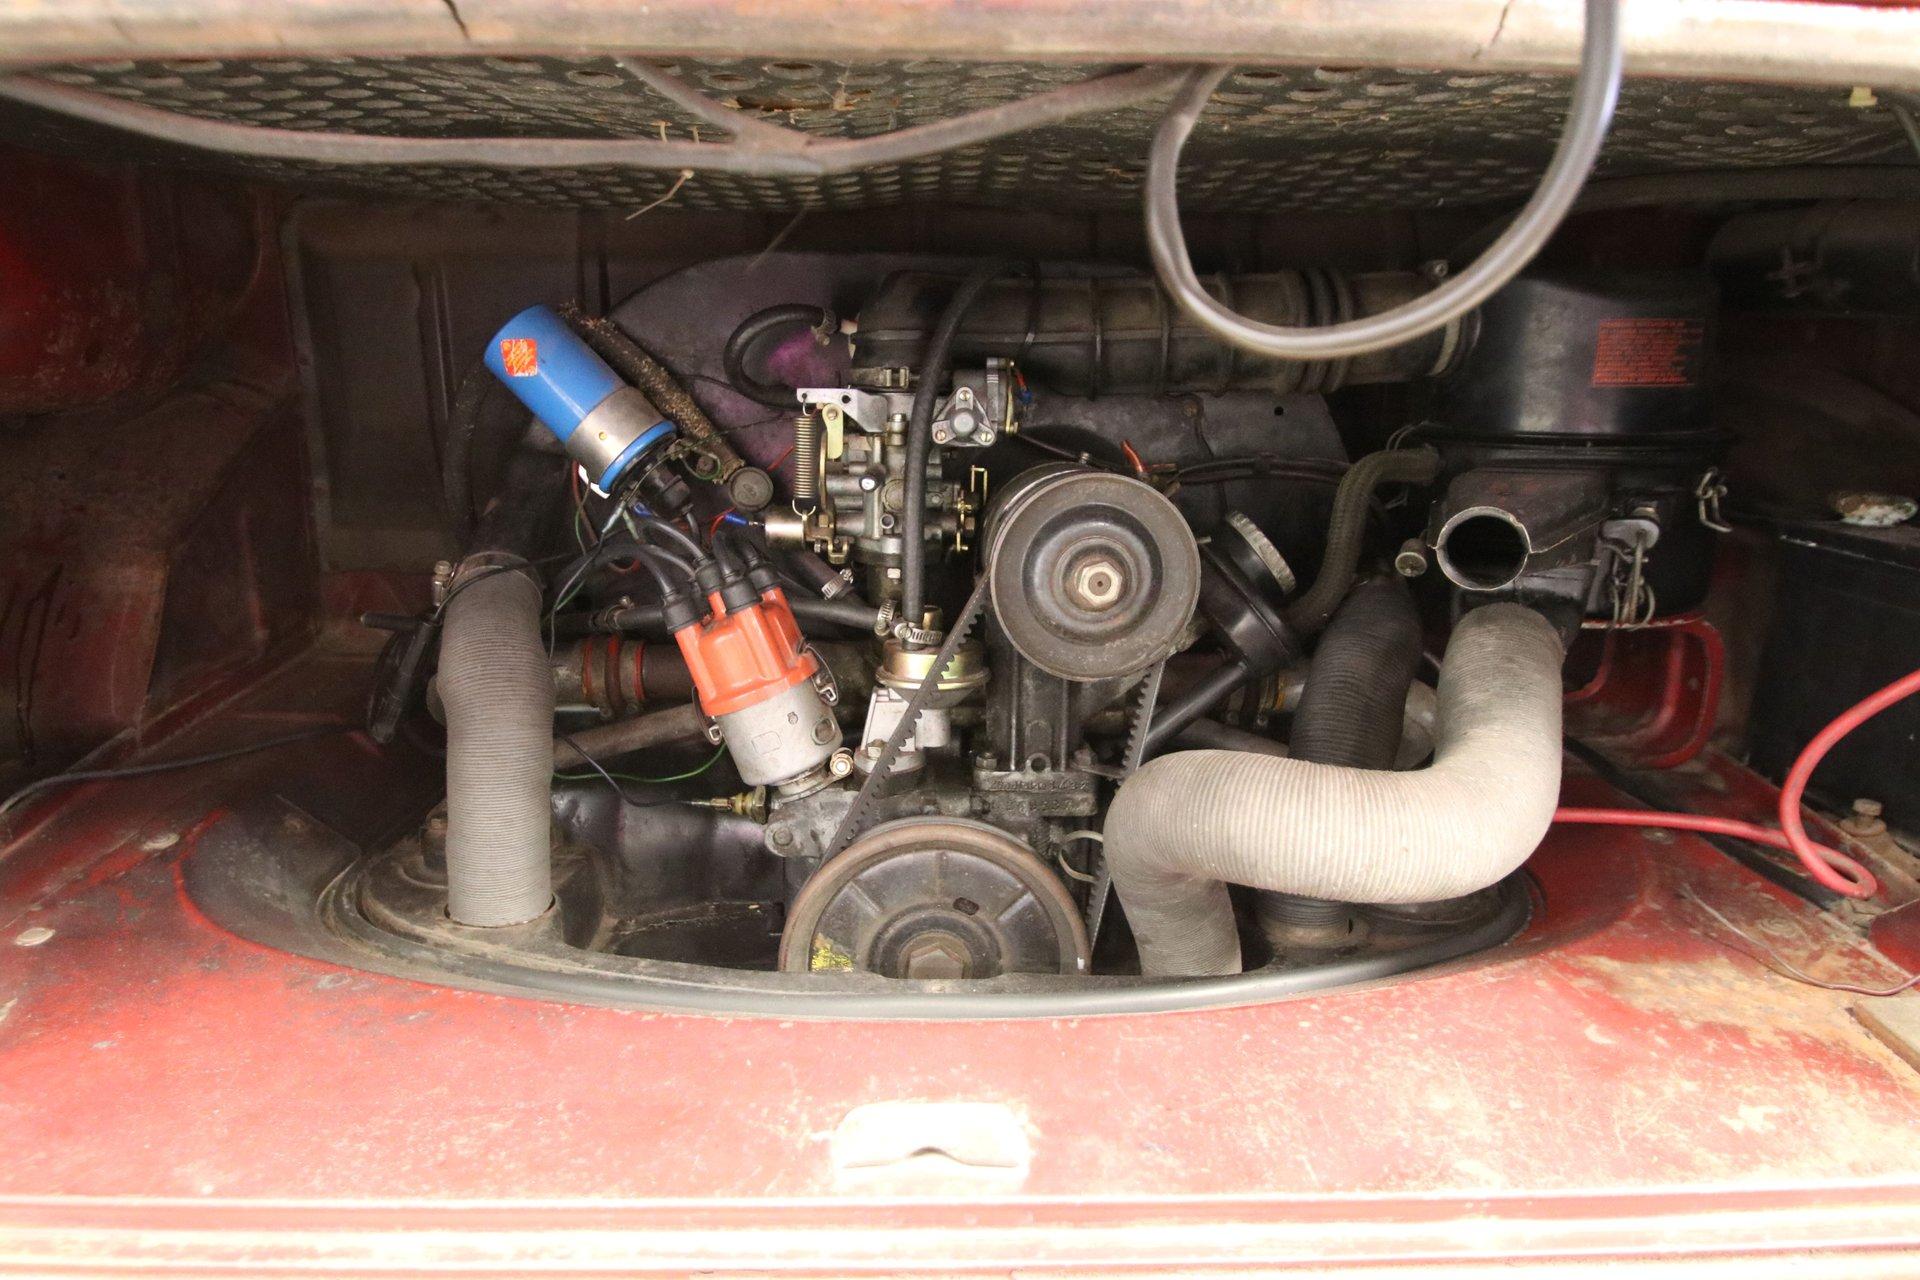 1971 volkswagen type 2 westfalia camper van